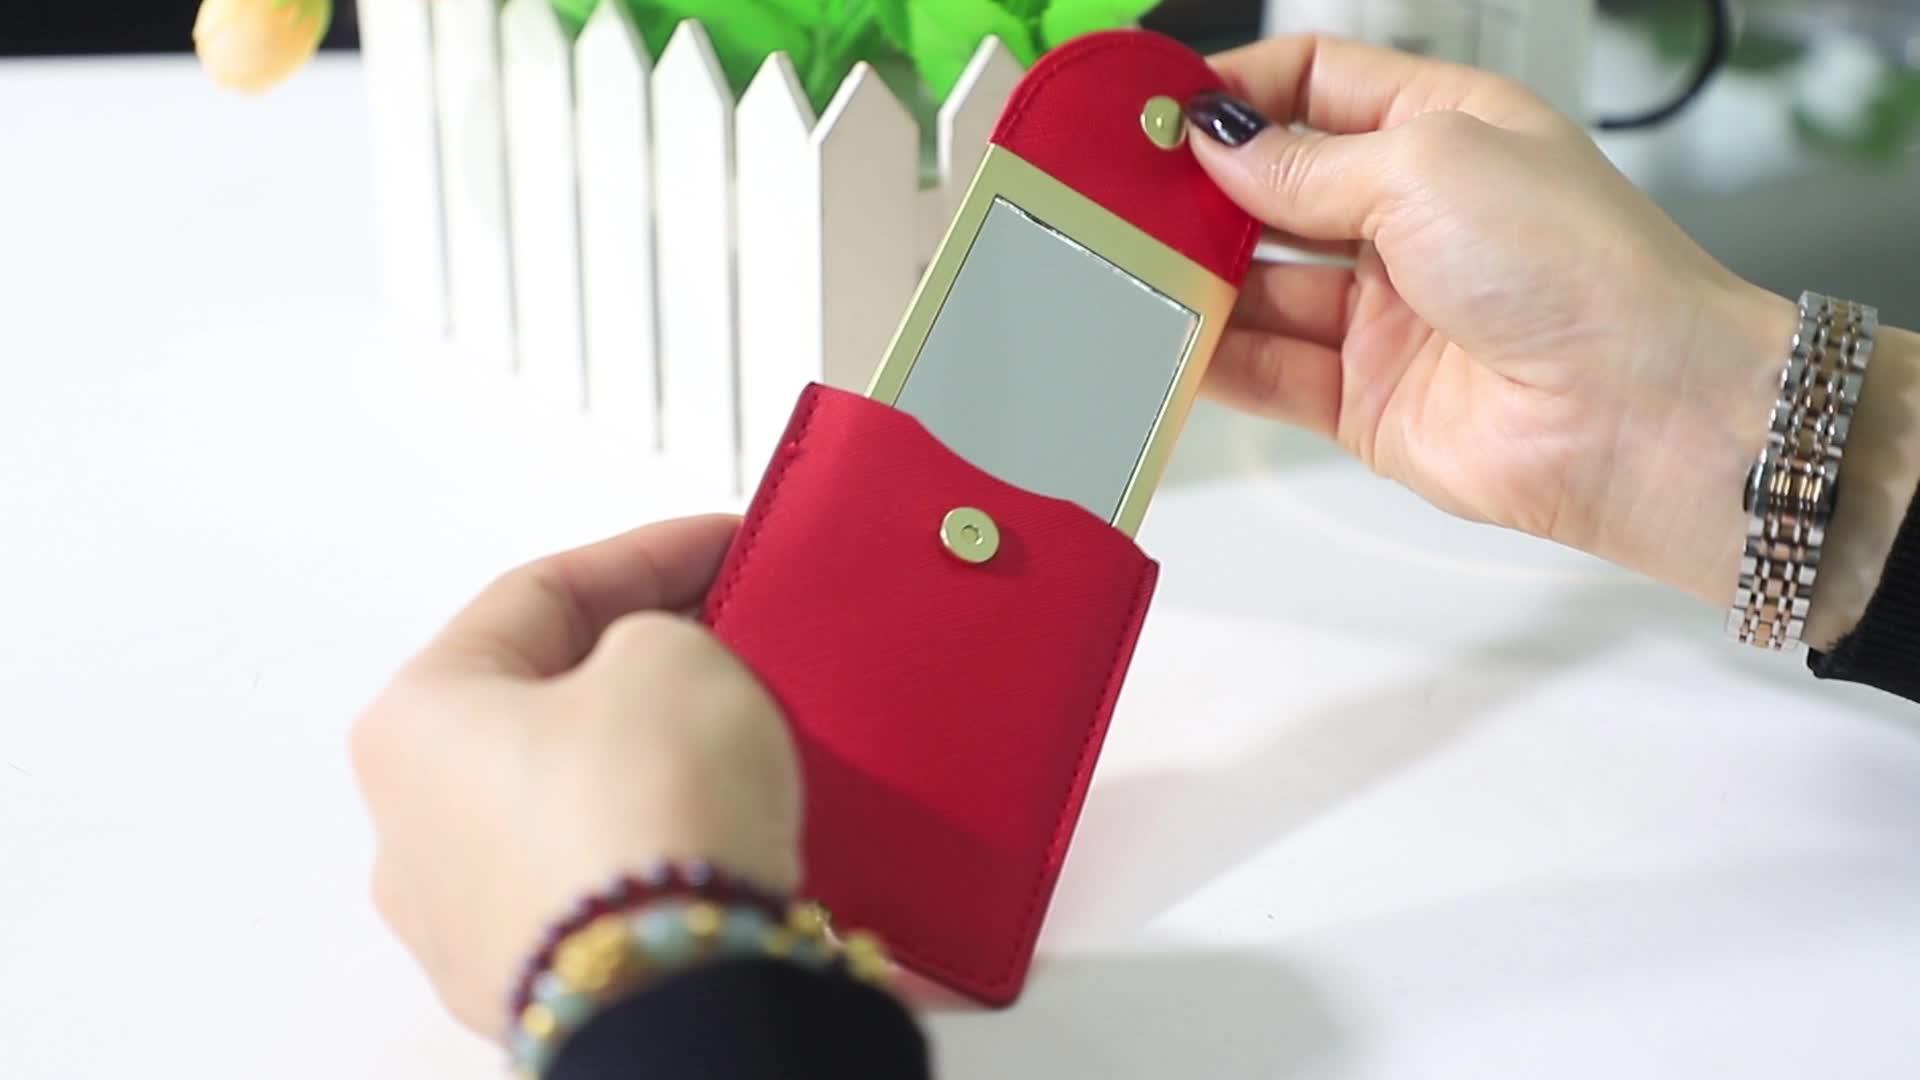 Personalizado pequeno hand held metal espelho de maquilhagem espelho decorativo borla